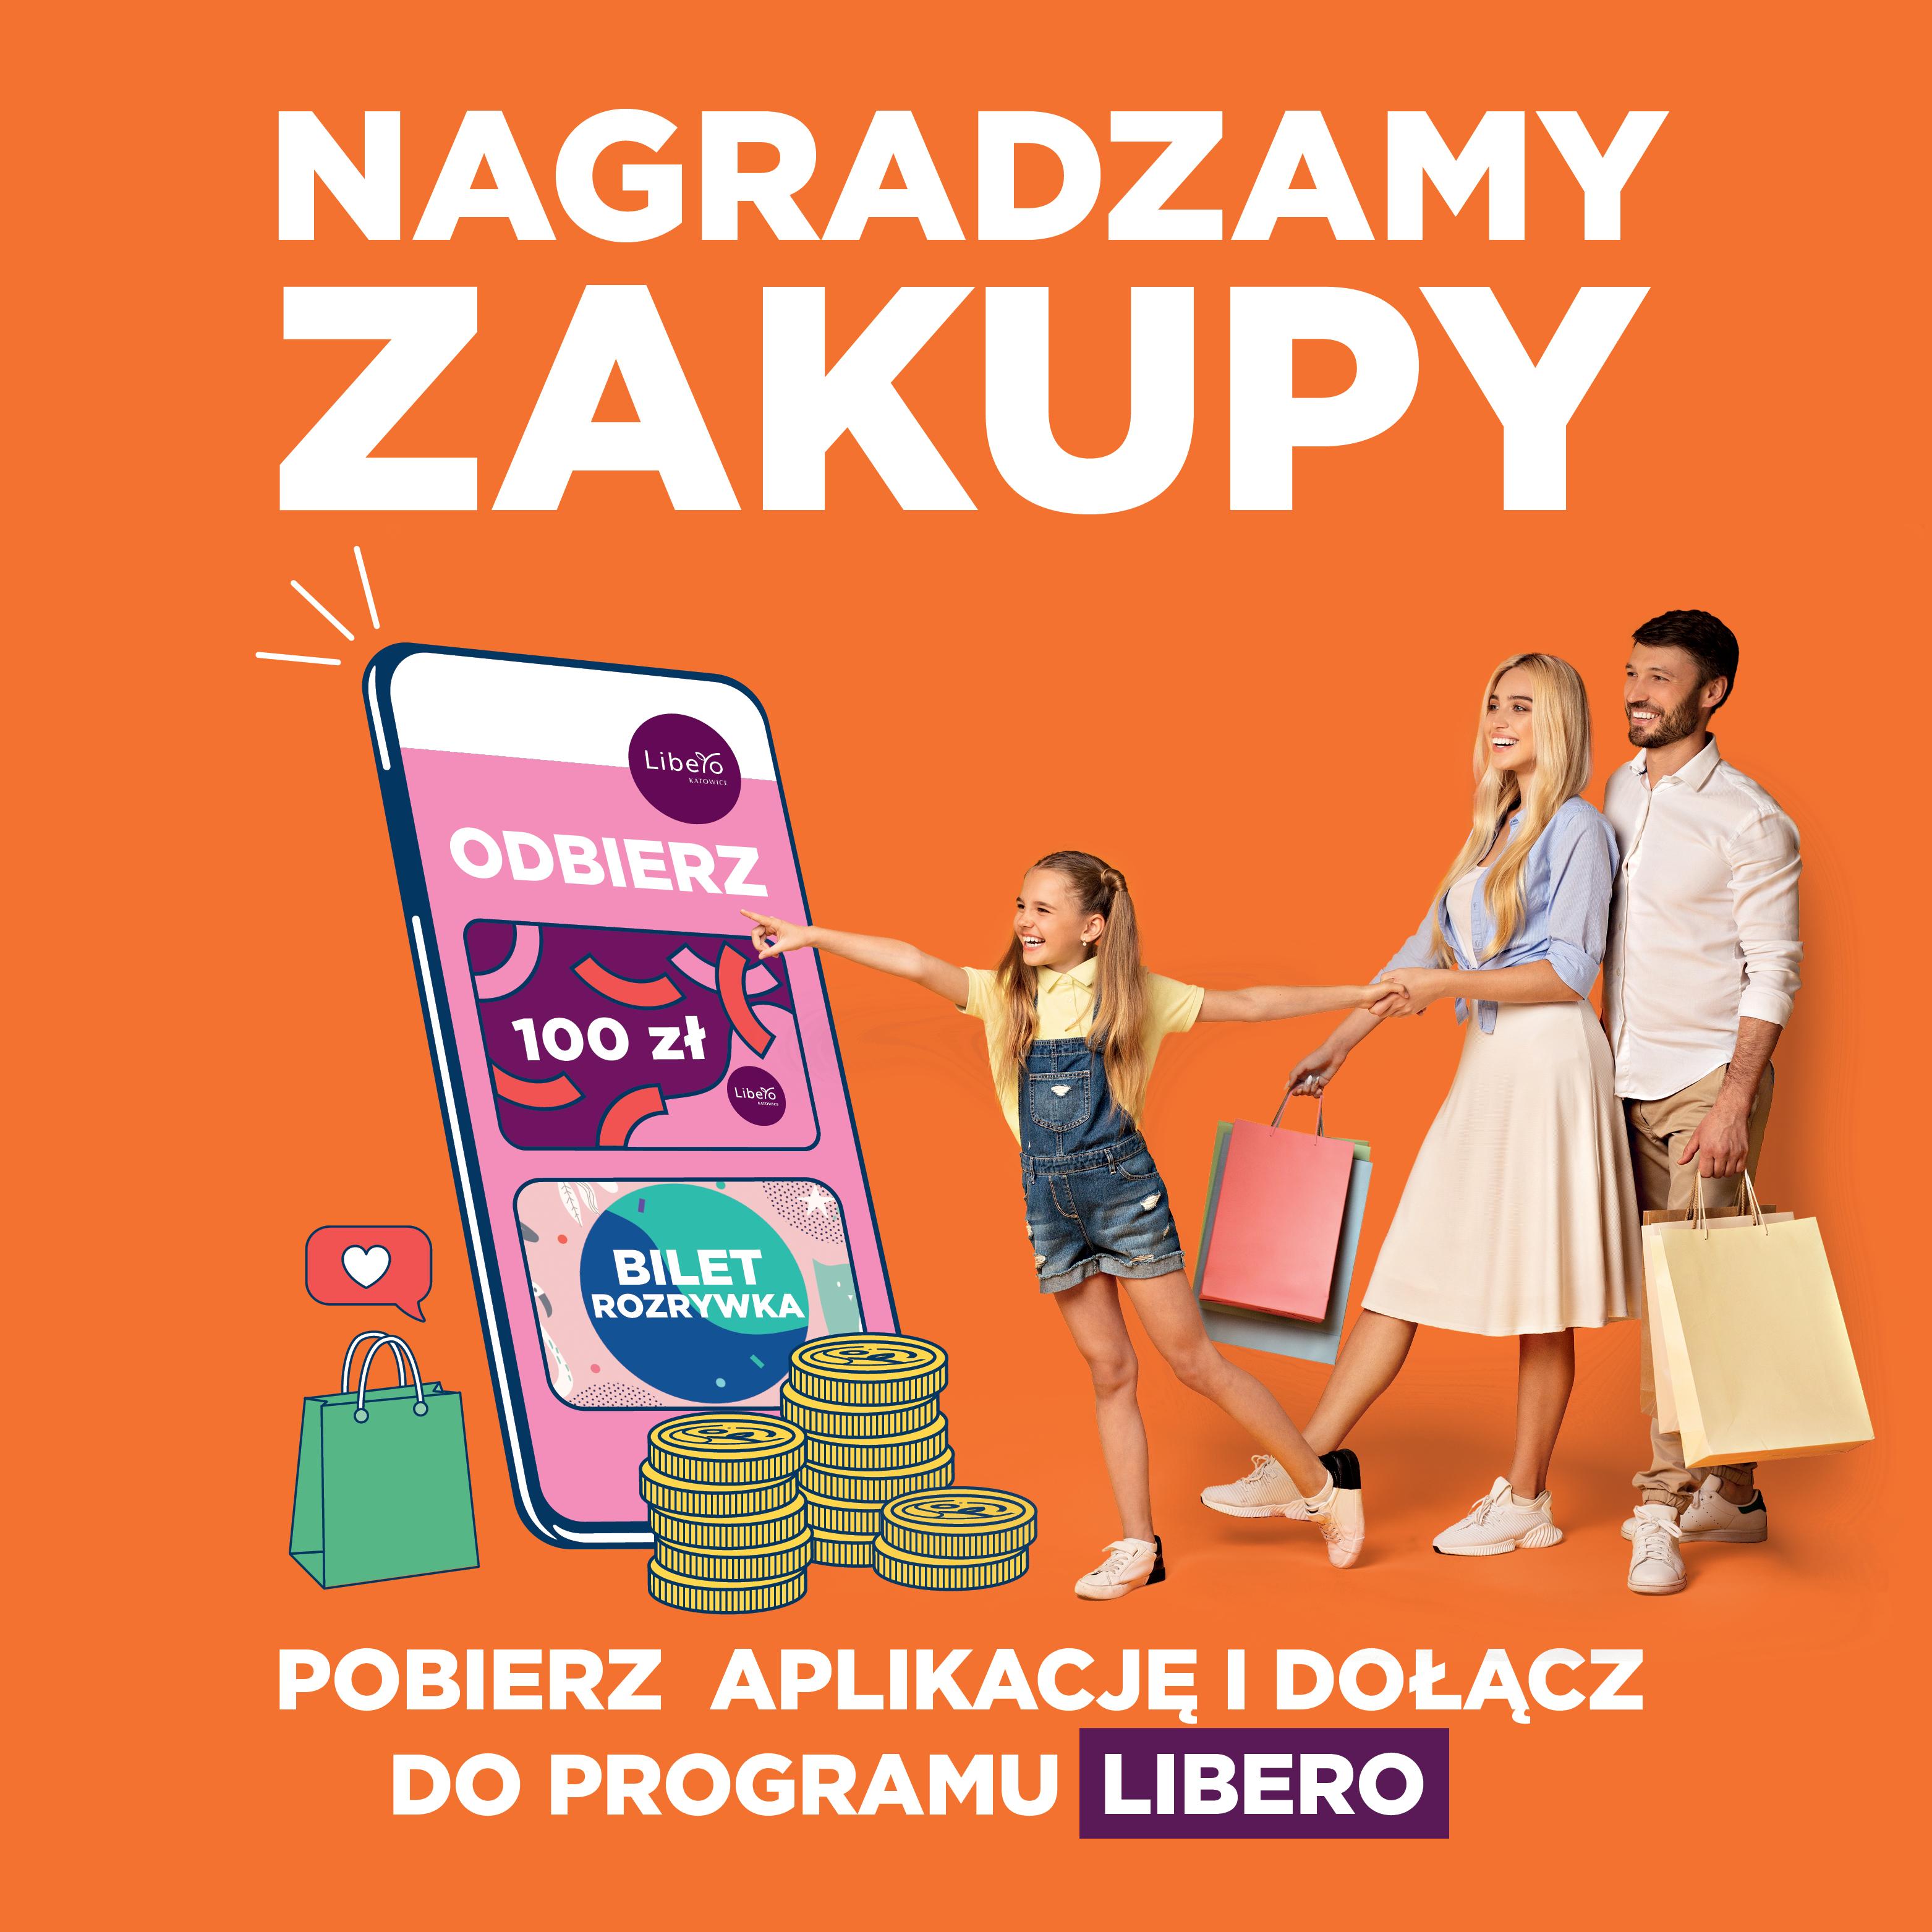 Nagradzamy zakupy! Poznaj program lojalnościowy Libero